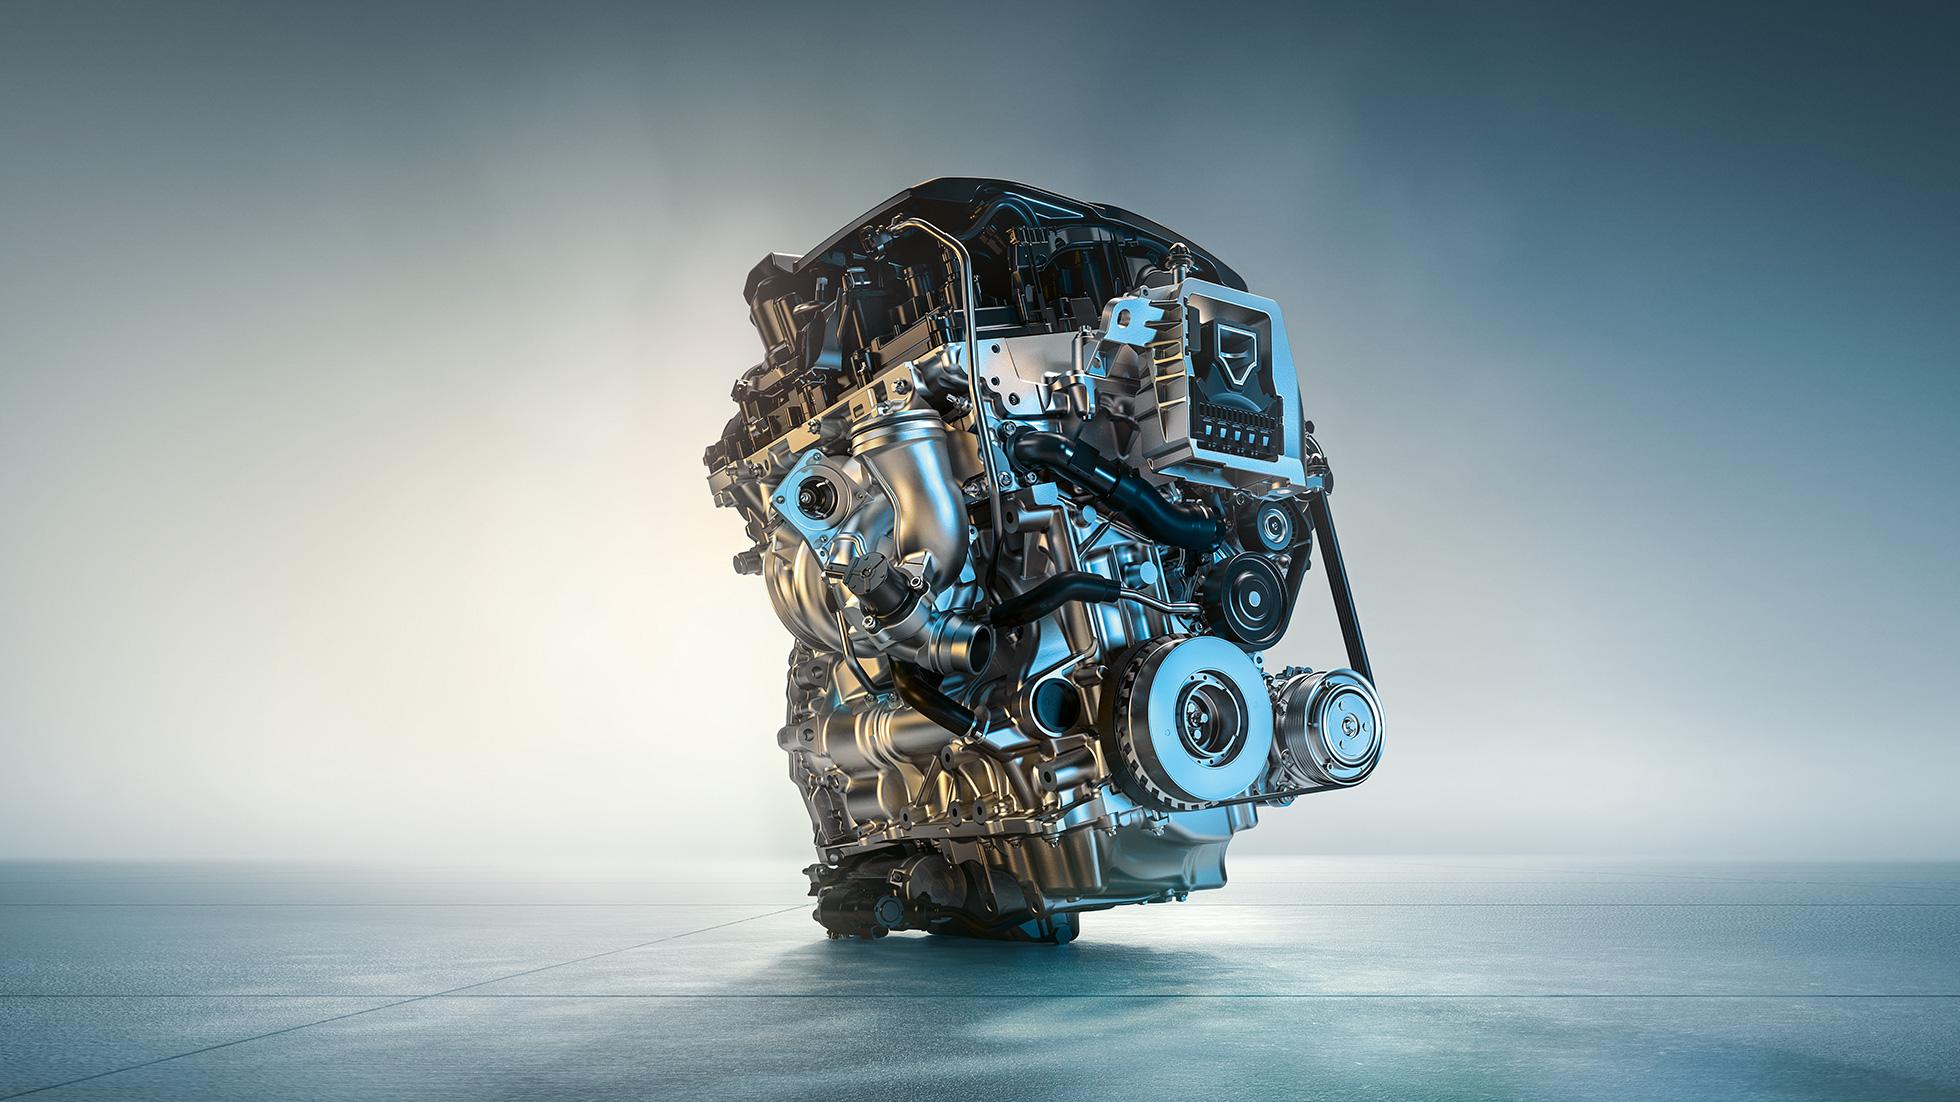 Motor de gasolina de 4 cilindros BMW M TwinPower Turbo del BMW M135i xDrive con 225 kW (306 CV).